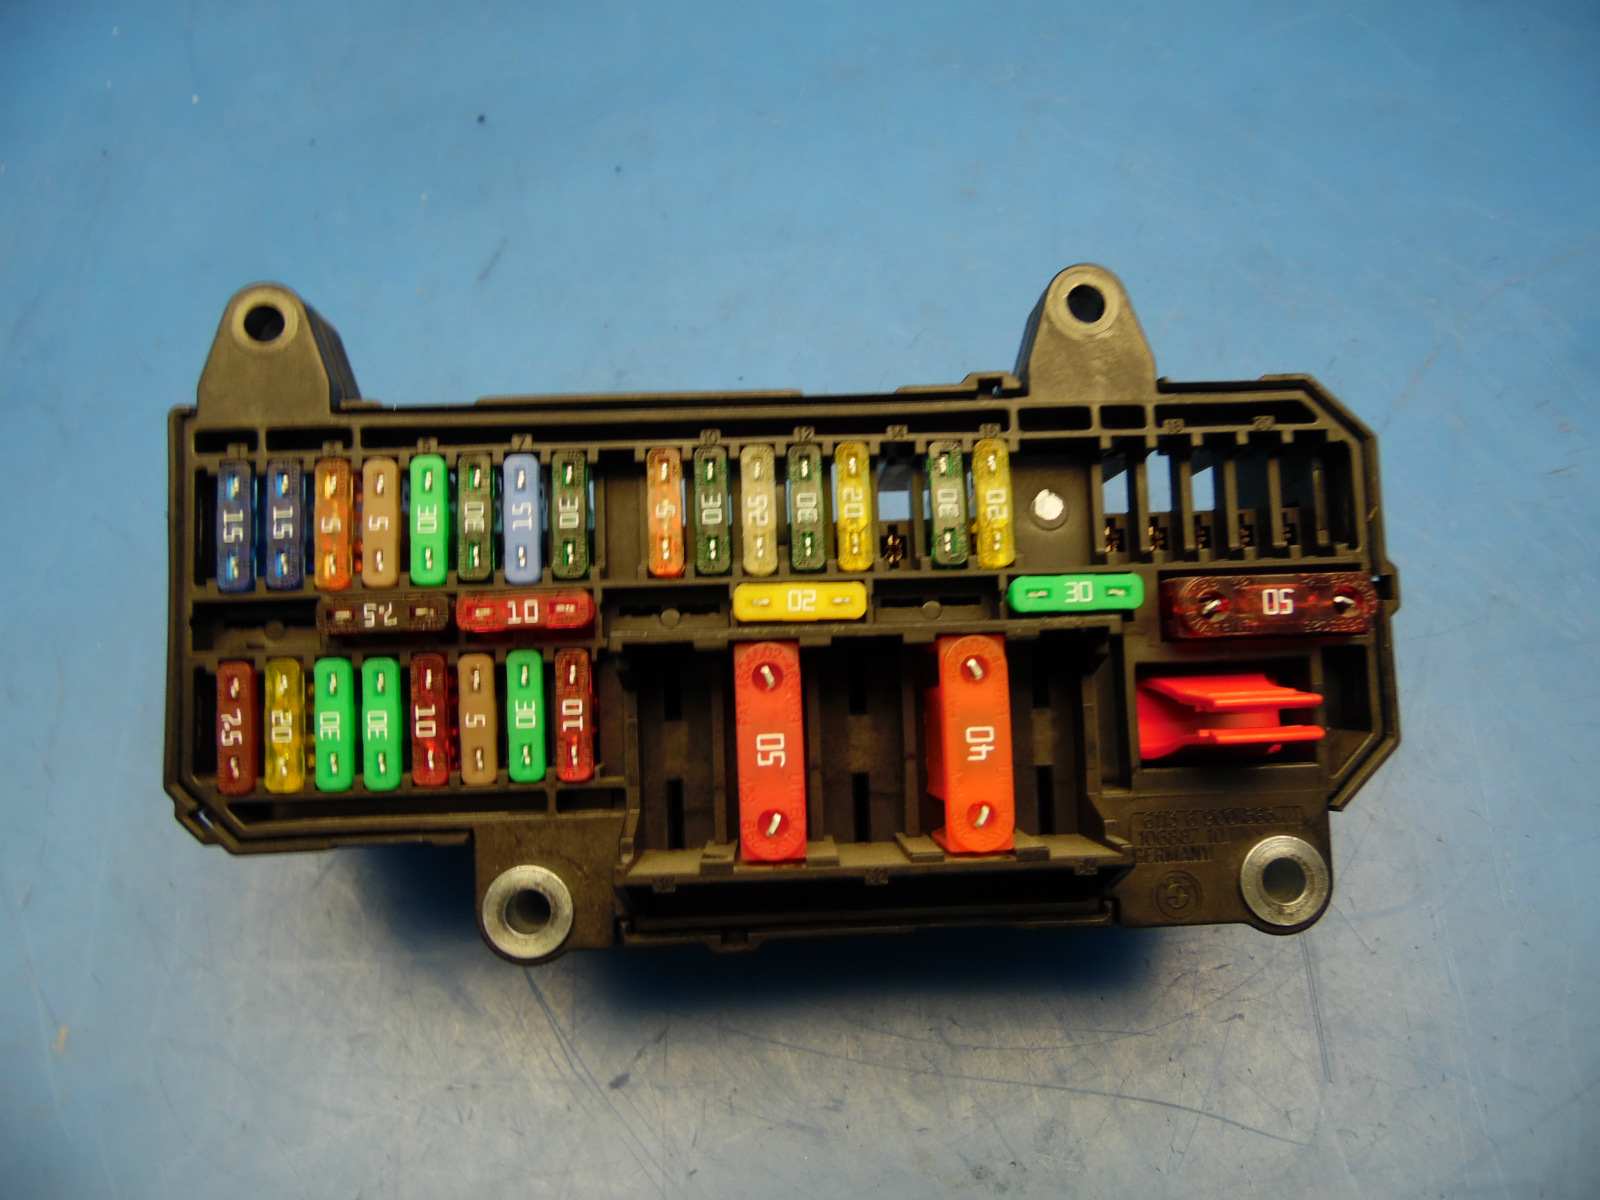 hight resolution of bmw 745li fuse diagram wiring diagram week2002 bmw 745li fuse diagrams wiring library bmw 745li fuse